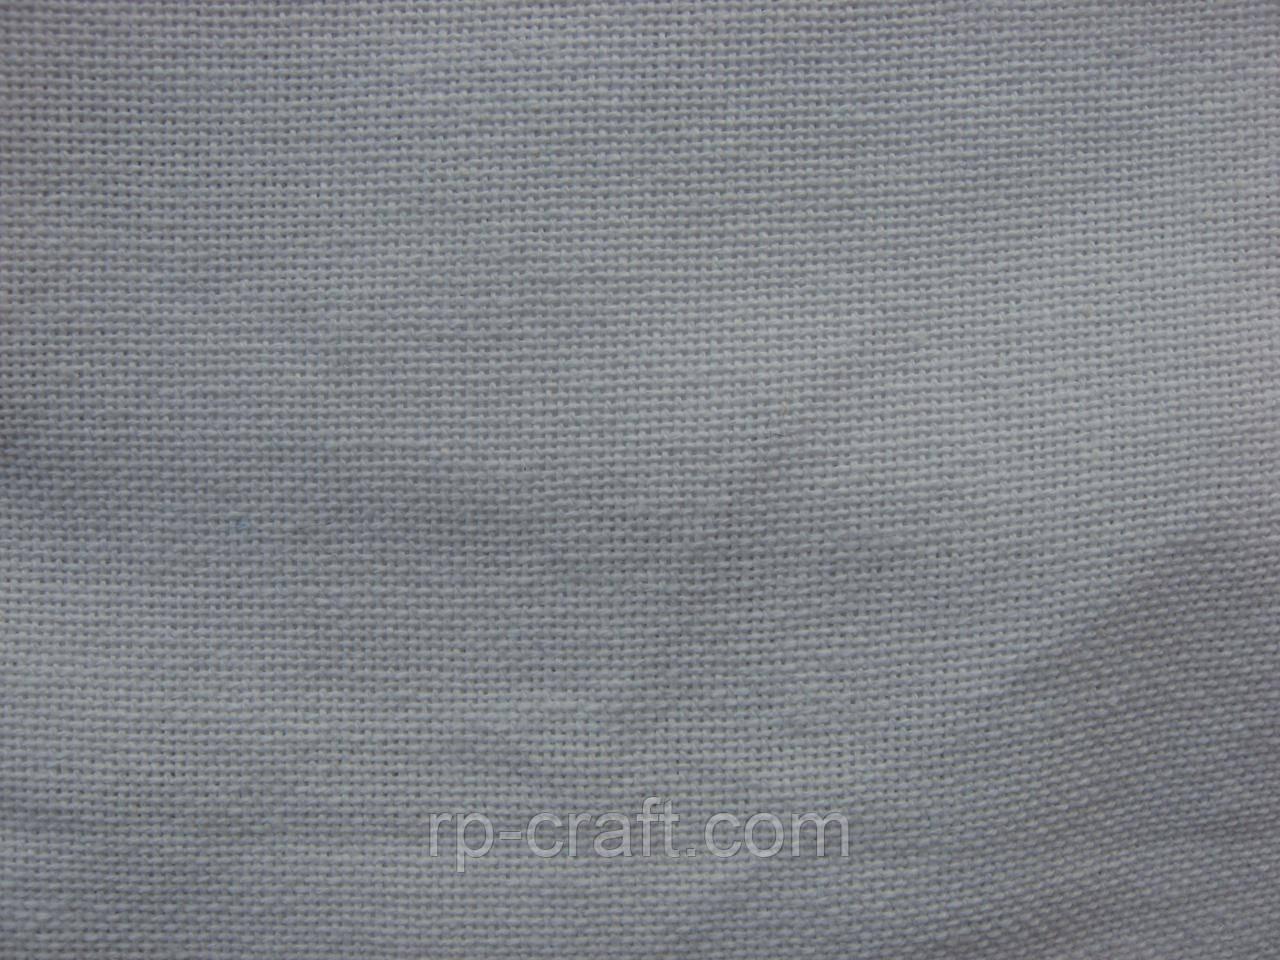 Отрез ткани для вышивки. Рушныковое полотно, белое, 37х50 см